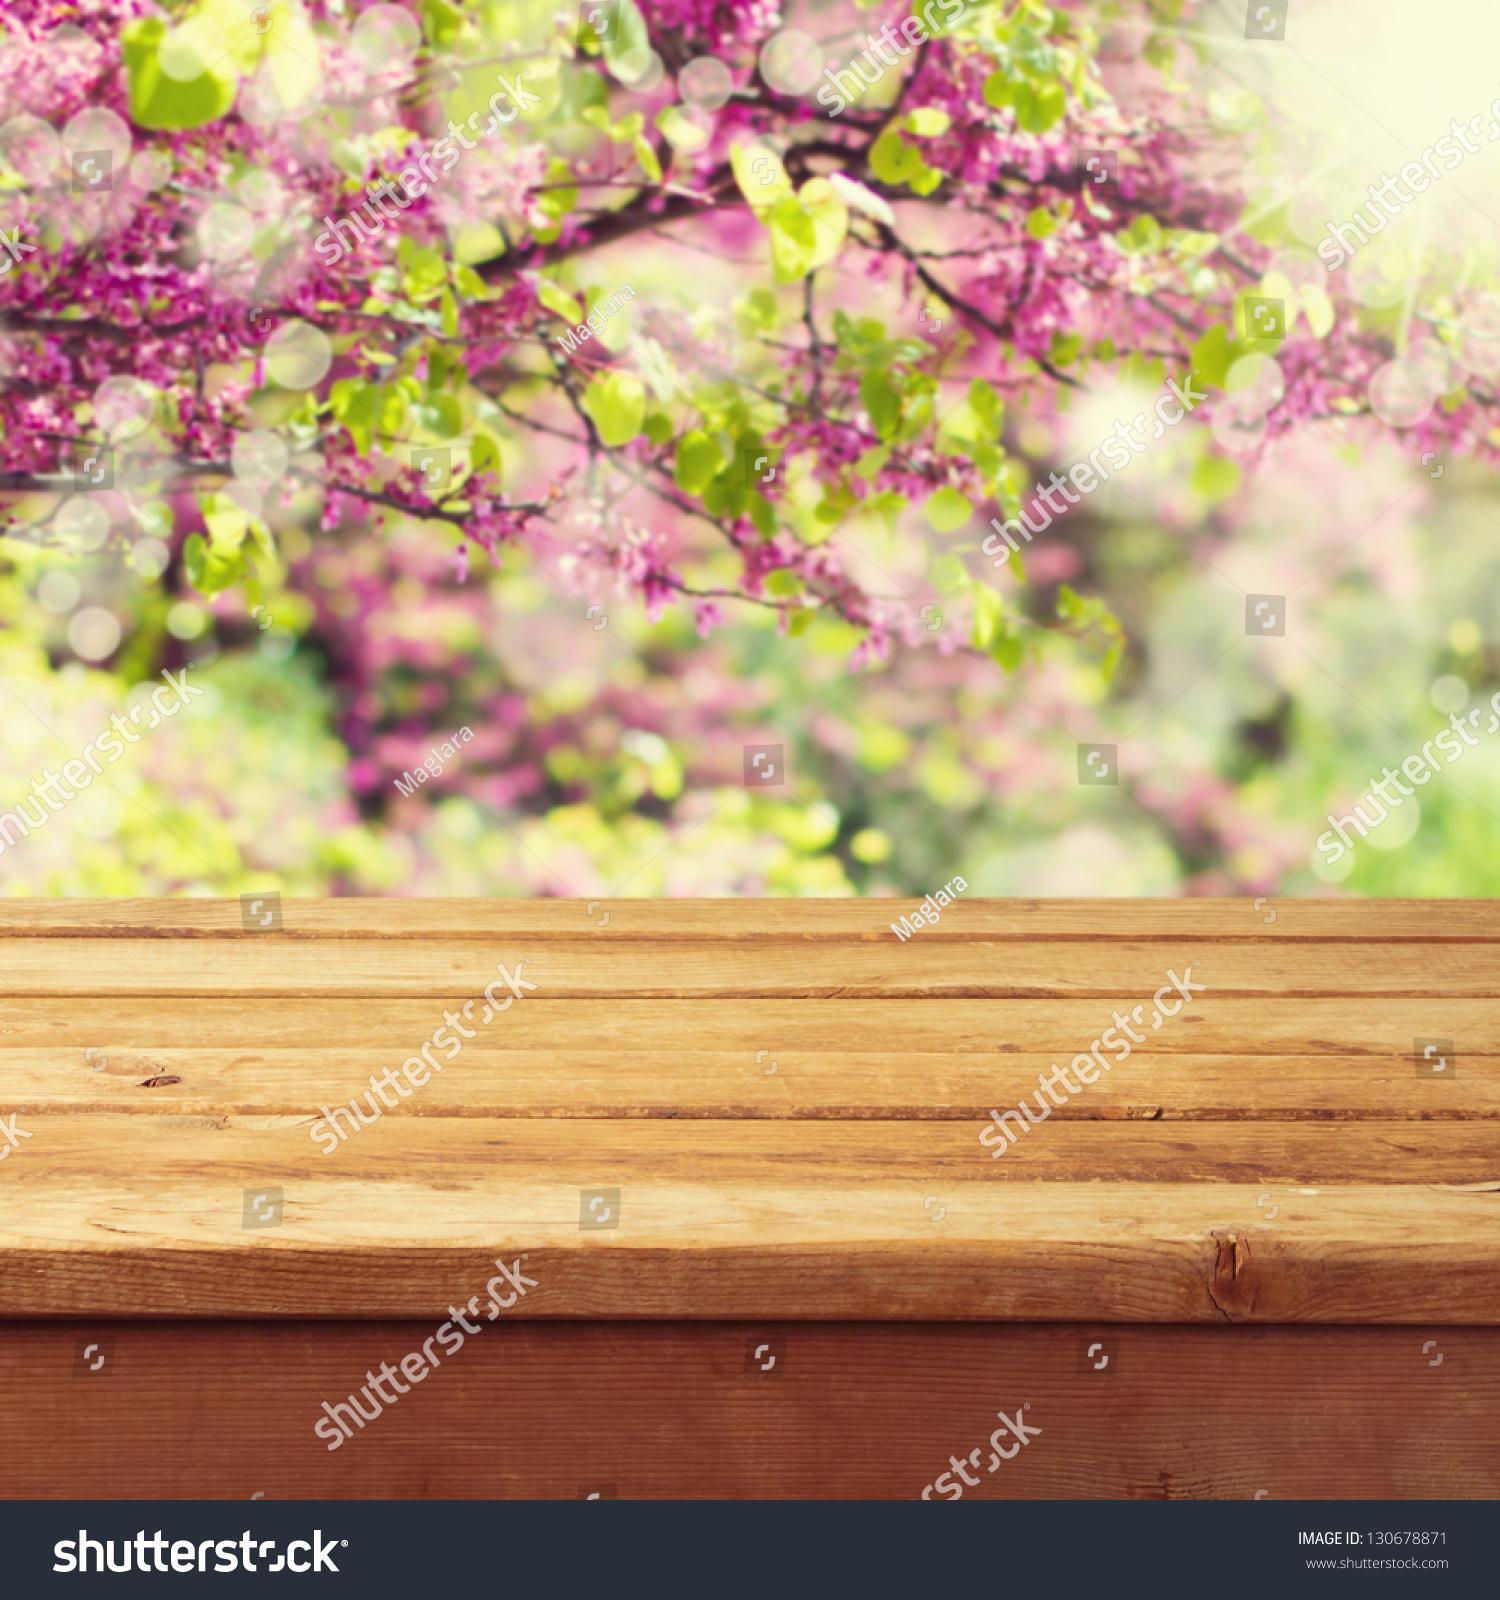 在美丽的春天背景上的木甲板桌子-背景/素材,自然-()